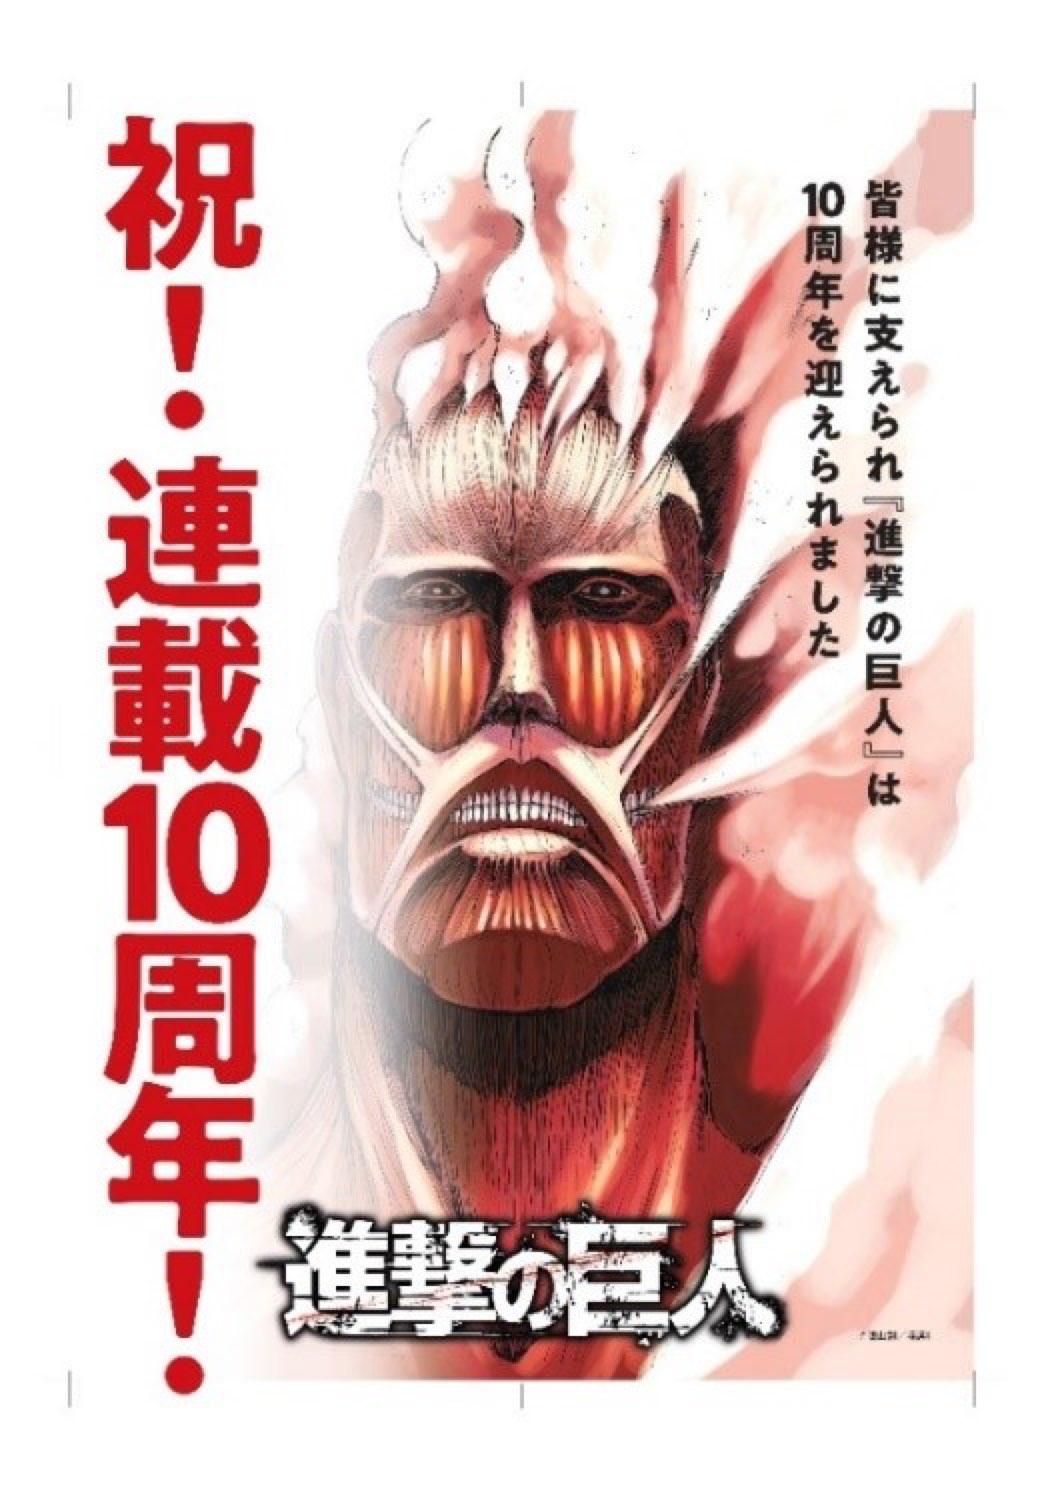 shingeki-10year-1